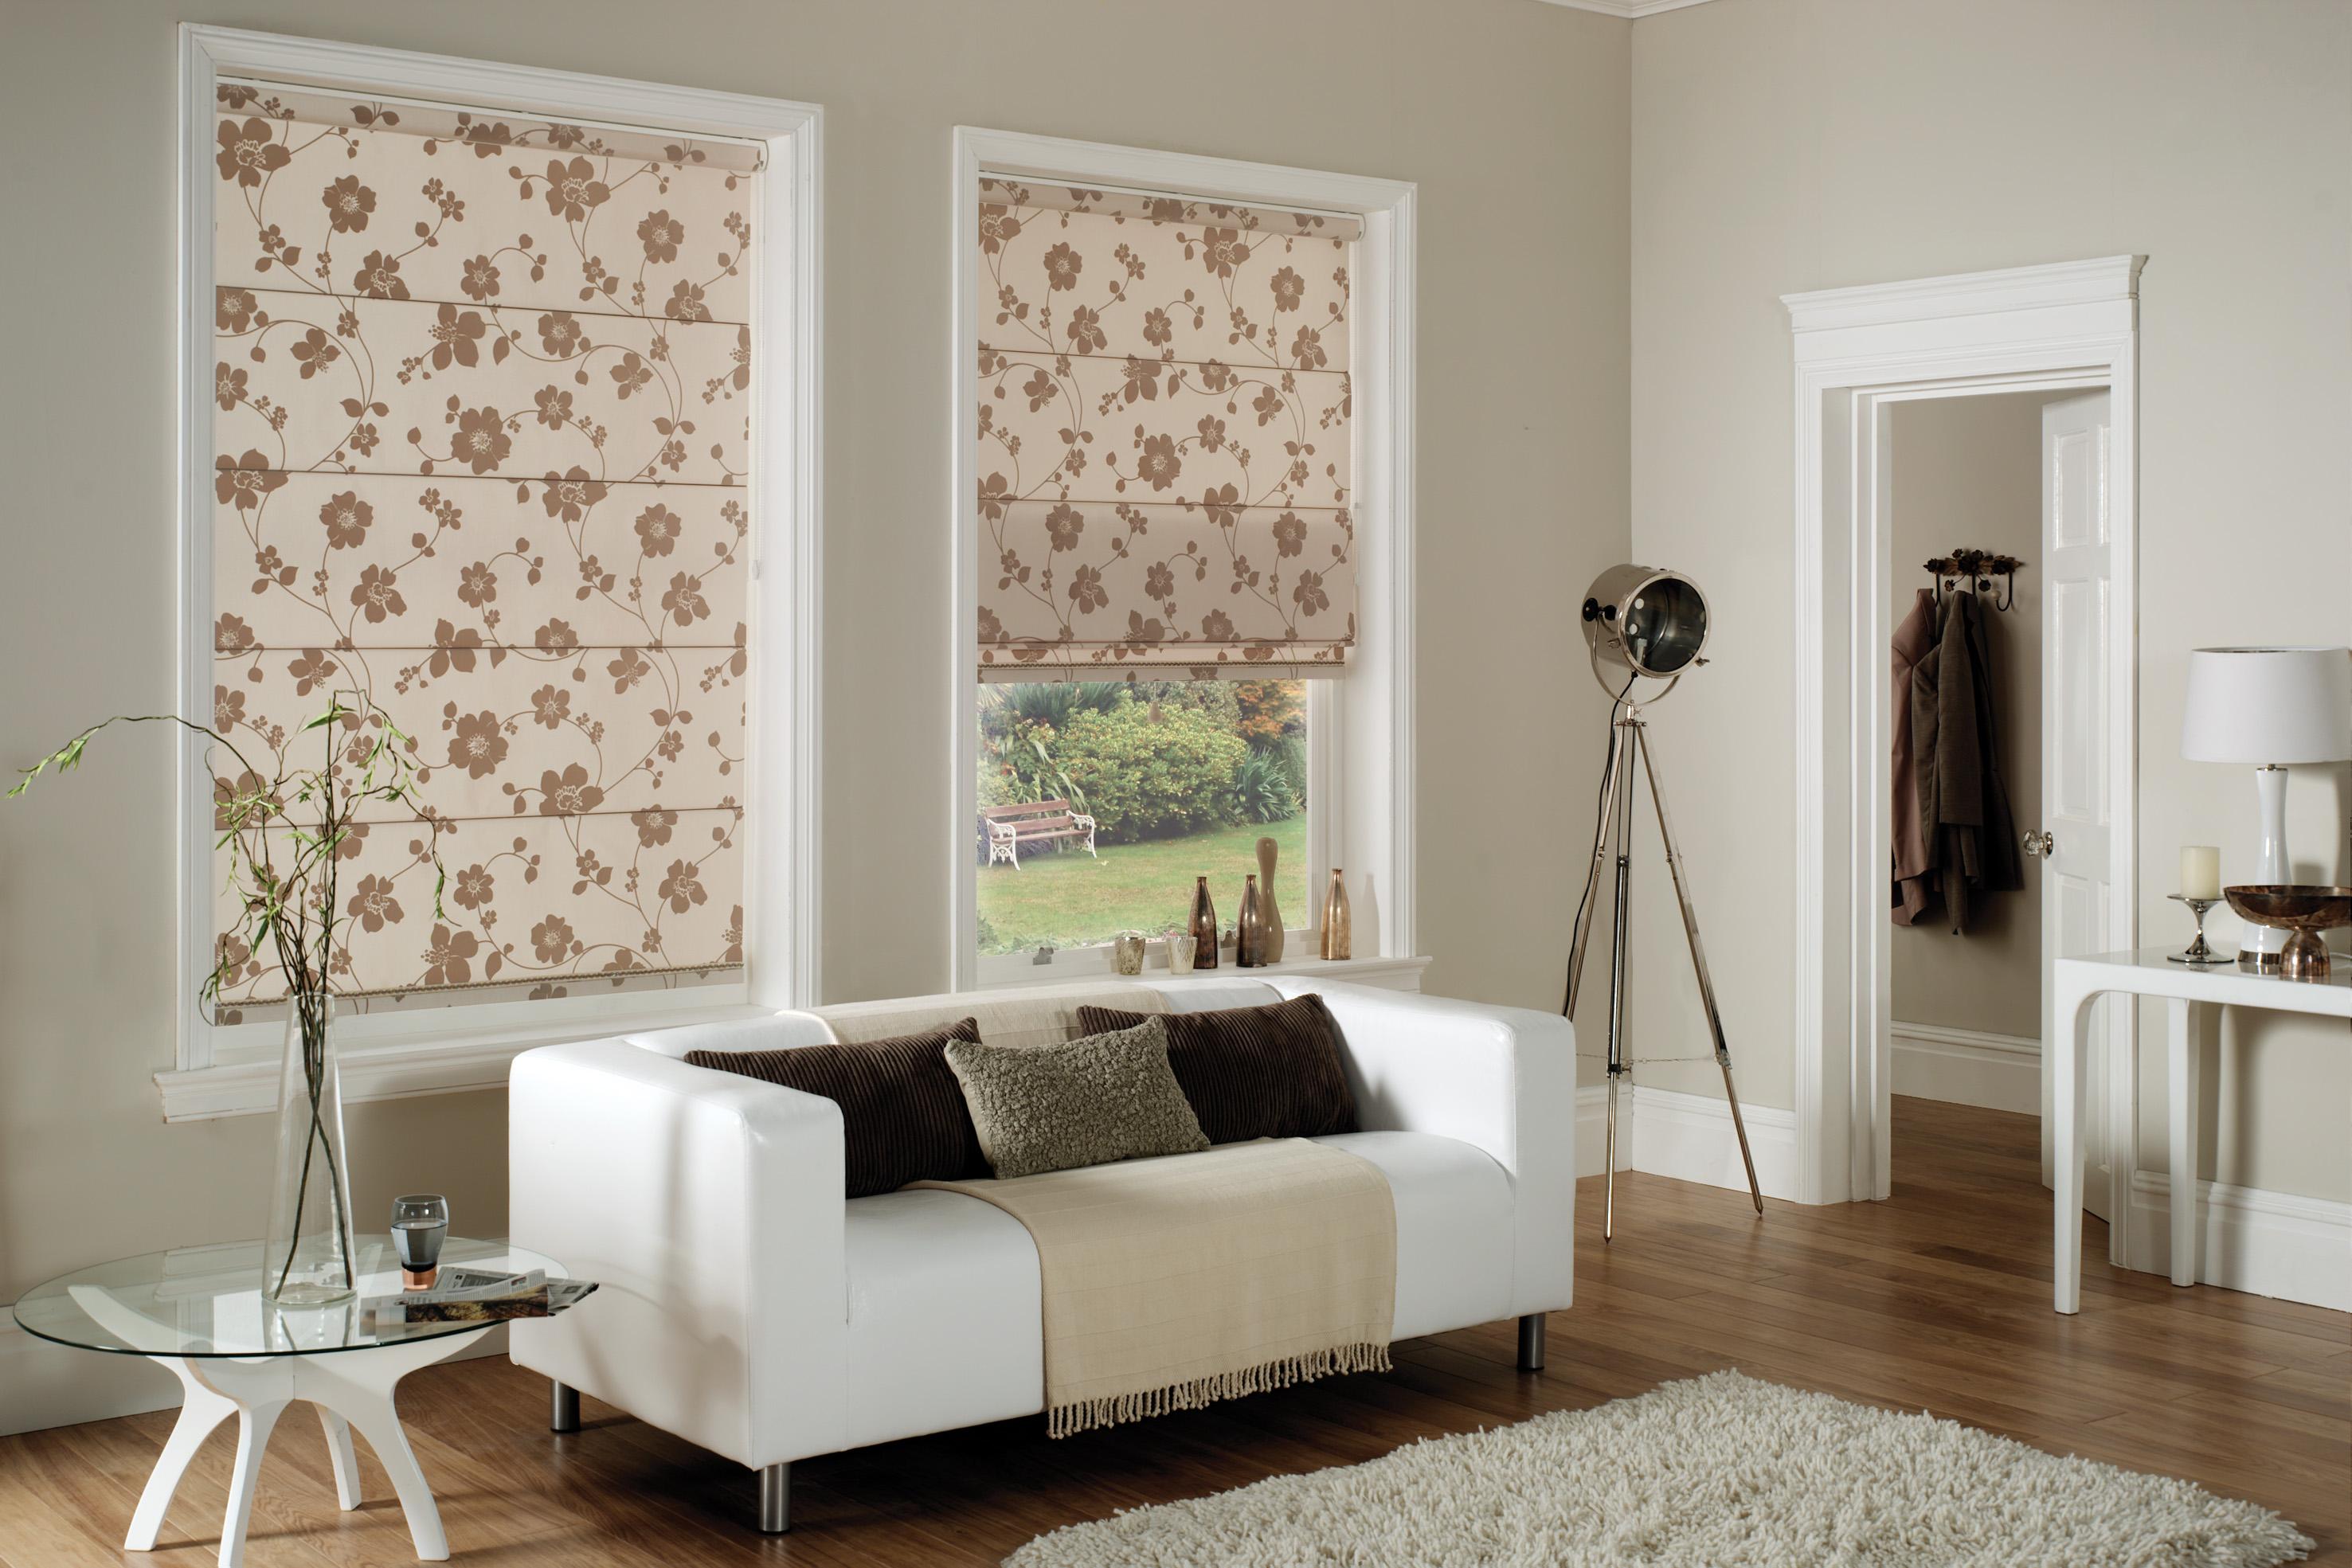 Современные стандартные и нестандартные дизайнерские решения по оформление окон шторами